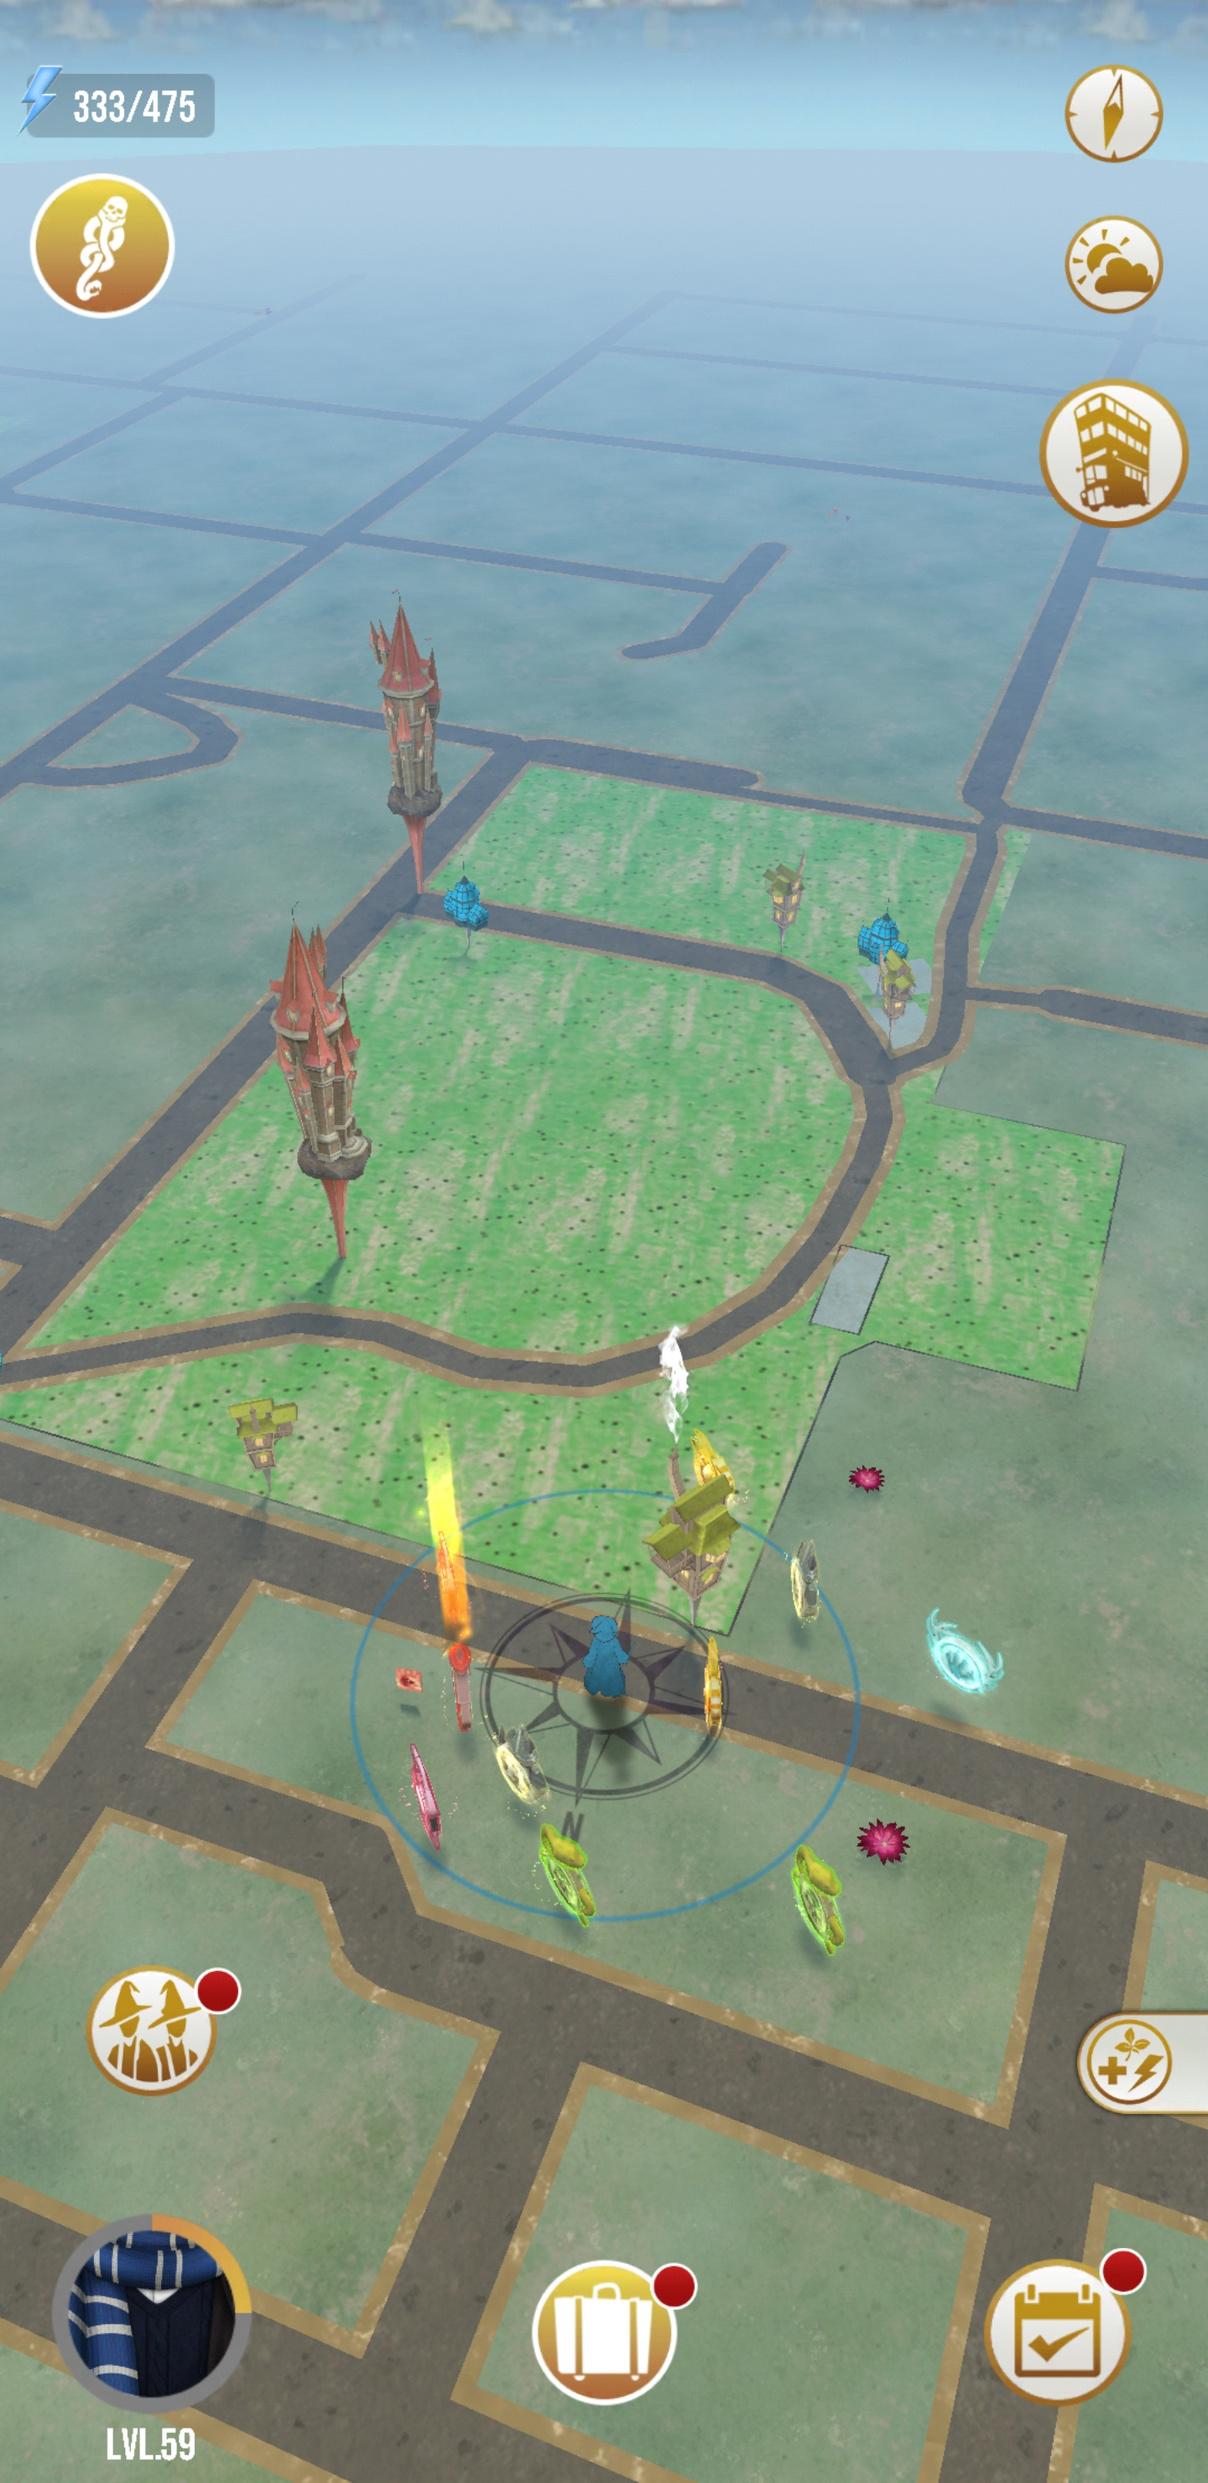 Screenshot_20210124-115525_Wizards Unite.jpg